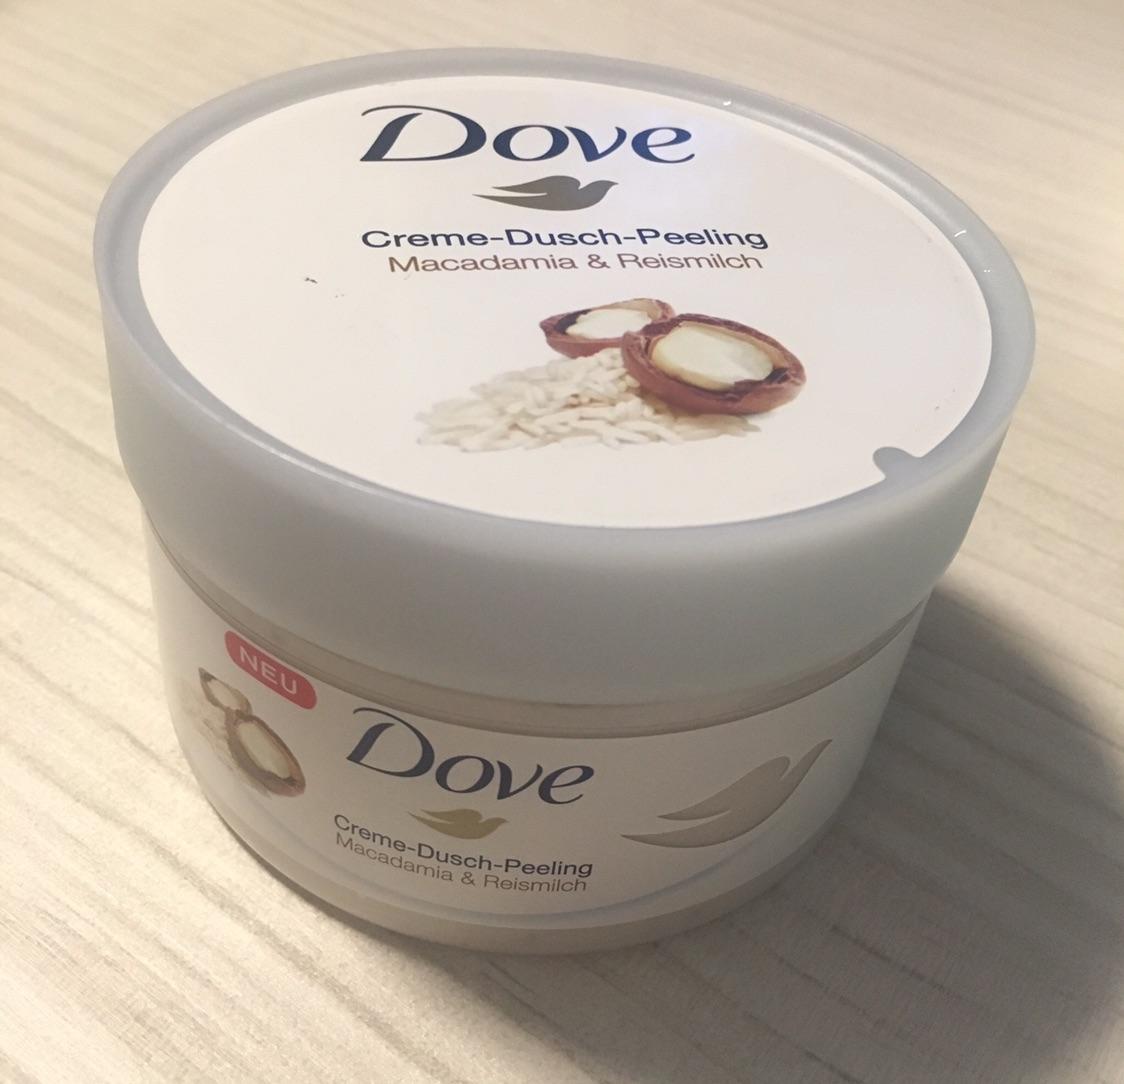 强推Dove多芬这款磨砂膏,让人有想吃的冲动!